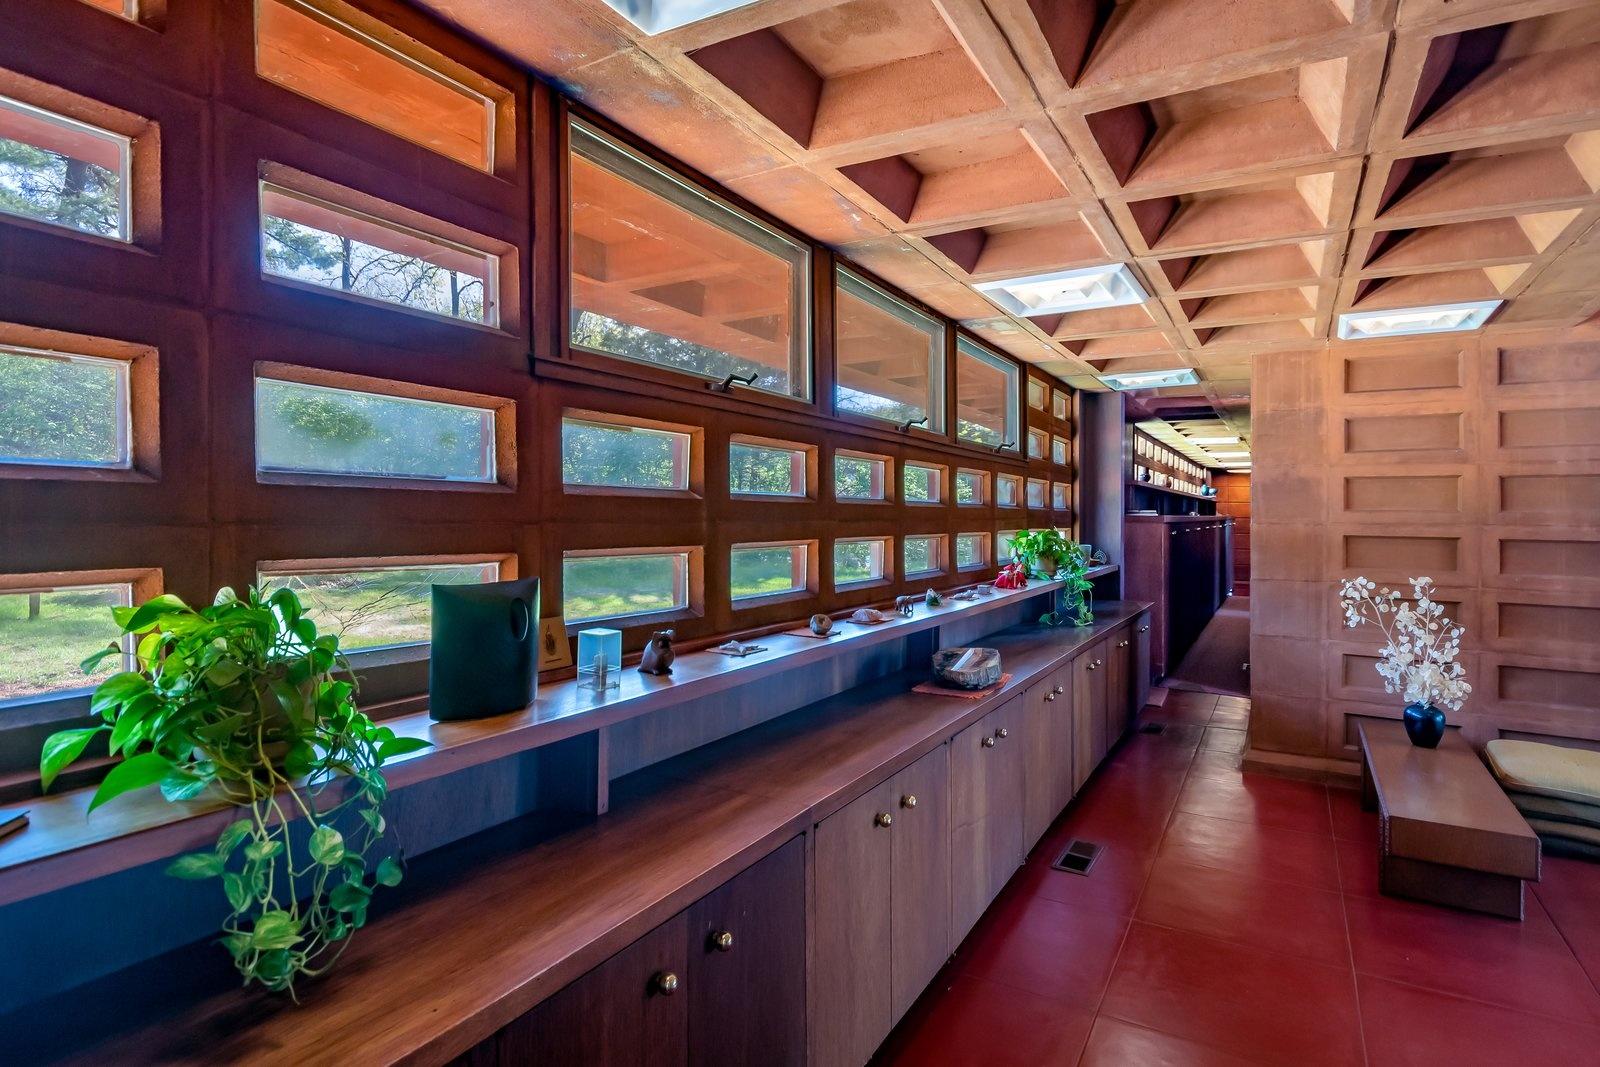 В Сент-Луисе продается дом по проекту Фрэнка Ллойда Райта (галерея 11, фото 2)